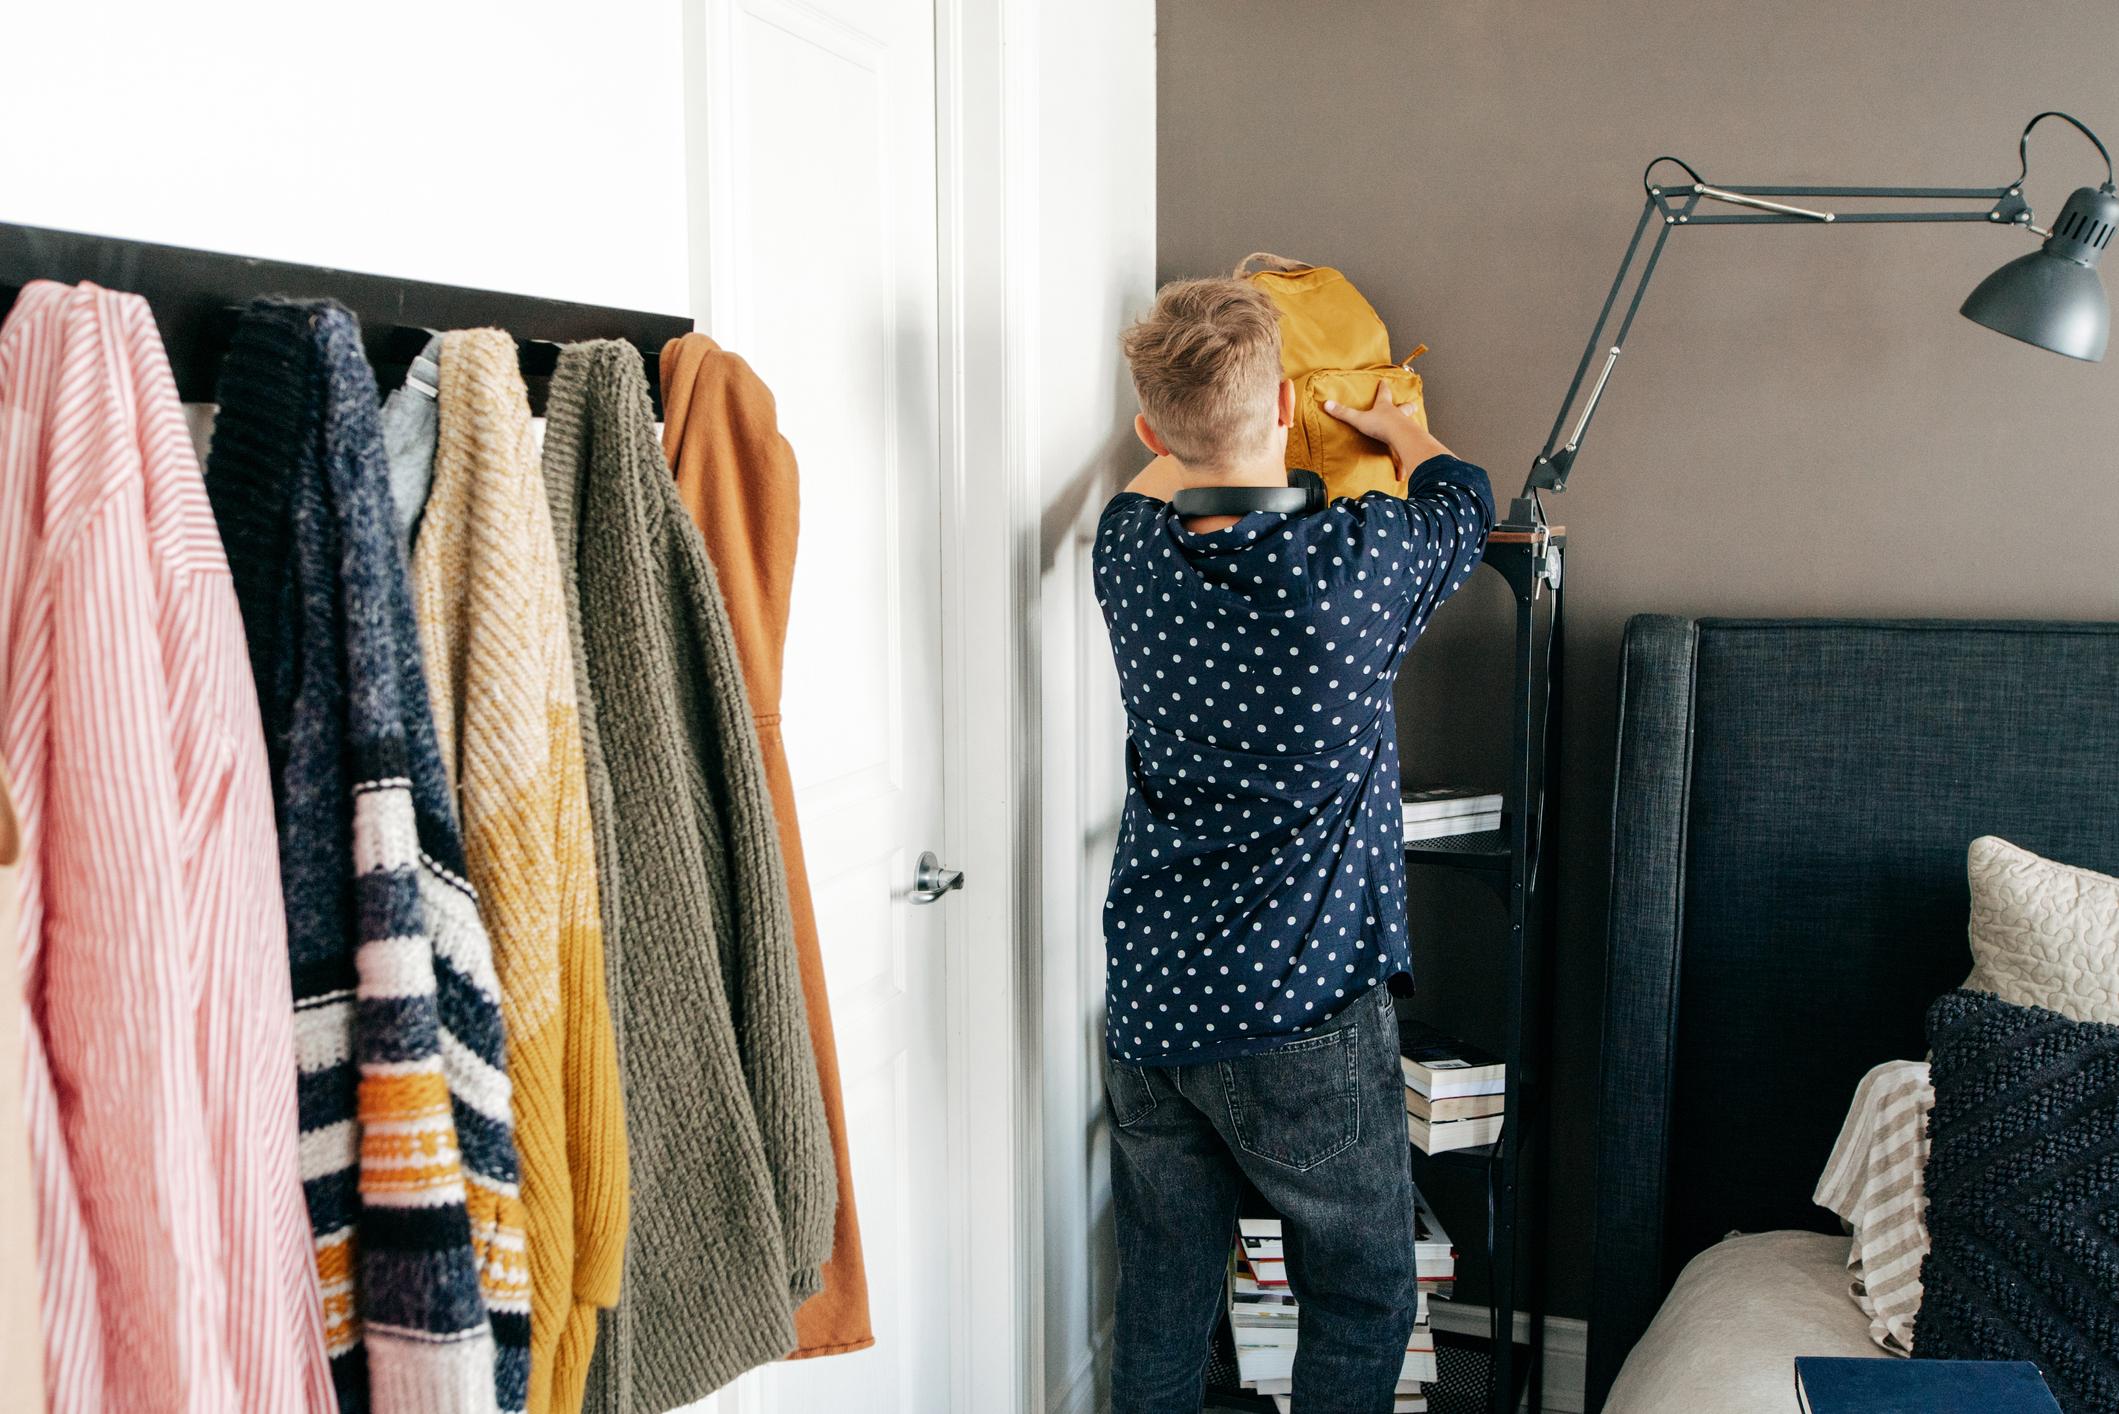 <p>Направете чистенето игра. Вместо да им кажете, че трябва да си изчистят стаята задължително, може да си направите домашно състезание и да засечете с хронометър времето, за което всеки вкъщи е изчистил дадена стая. А за награда, защото като във всяко състезание трябва да има нещо приятно, може да приготвите или поръчате пица. Децата ви ще бъдат доволни със сигурност.&nbsp;</p>